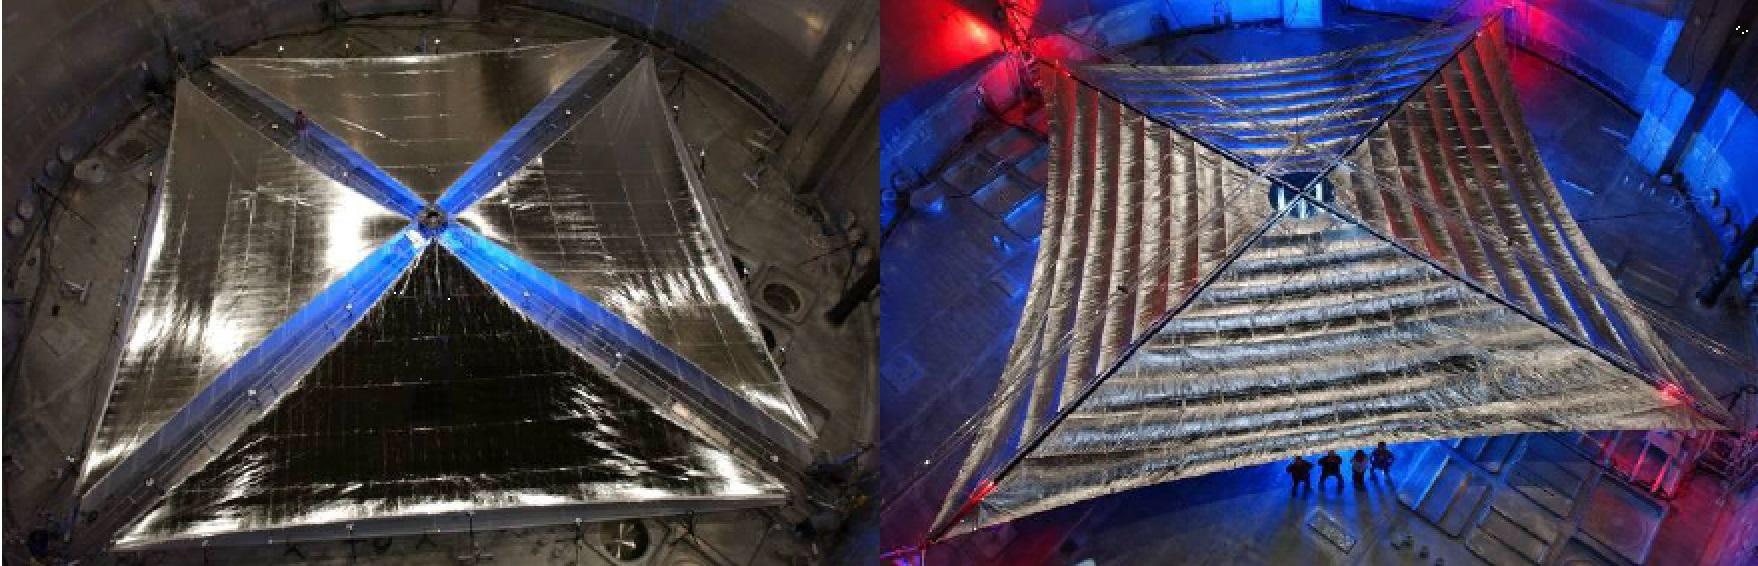 Dva prototypy sluneční plachty, které připravily pro NASA firmy ATK (nalevo) a L´Garde (napravo). Rozměr plachet byl 20×20 m2 a v letech 2004 a 2005 proběhly jejich komplexní testy i ve velkých vakuových komorách. (Zdroj L. Johnson, R. Yo